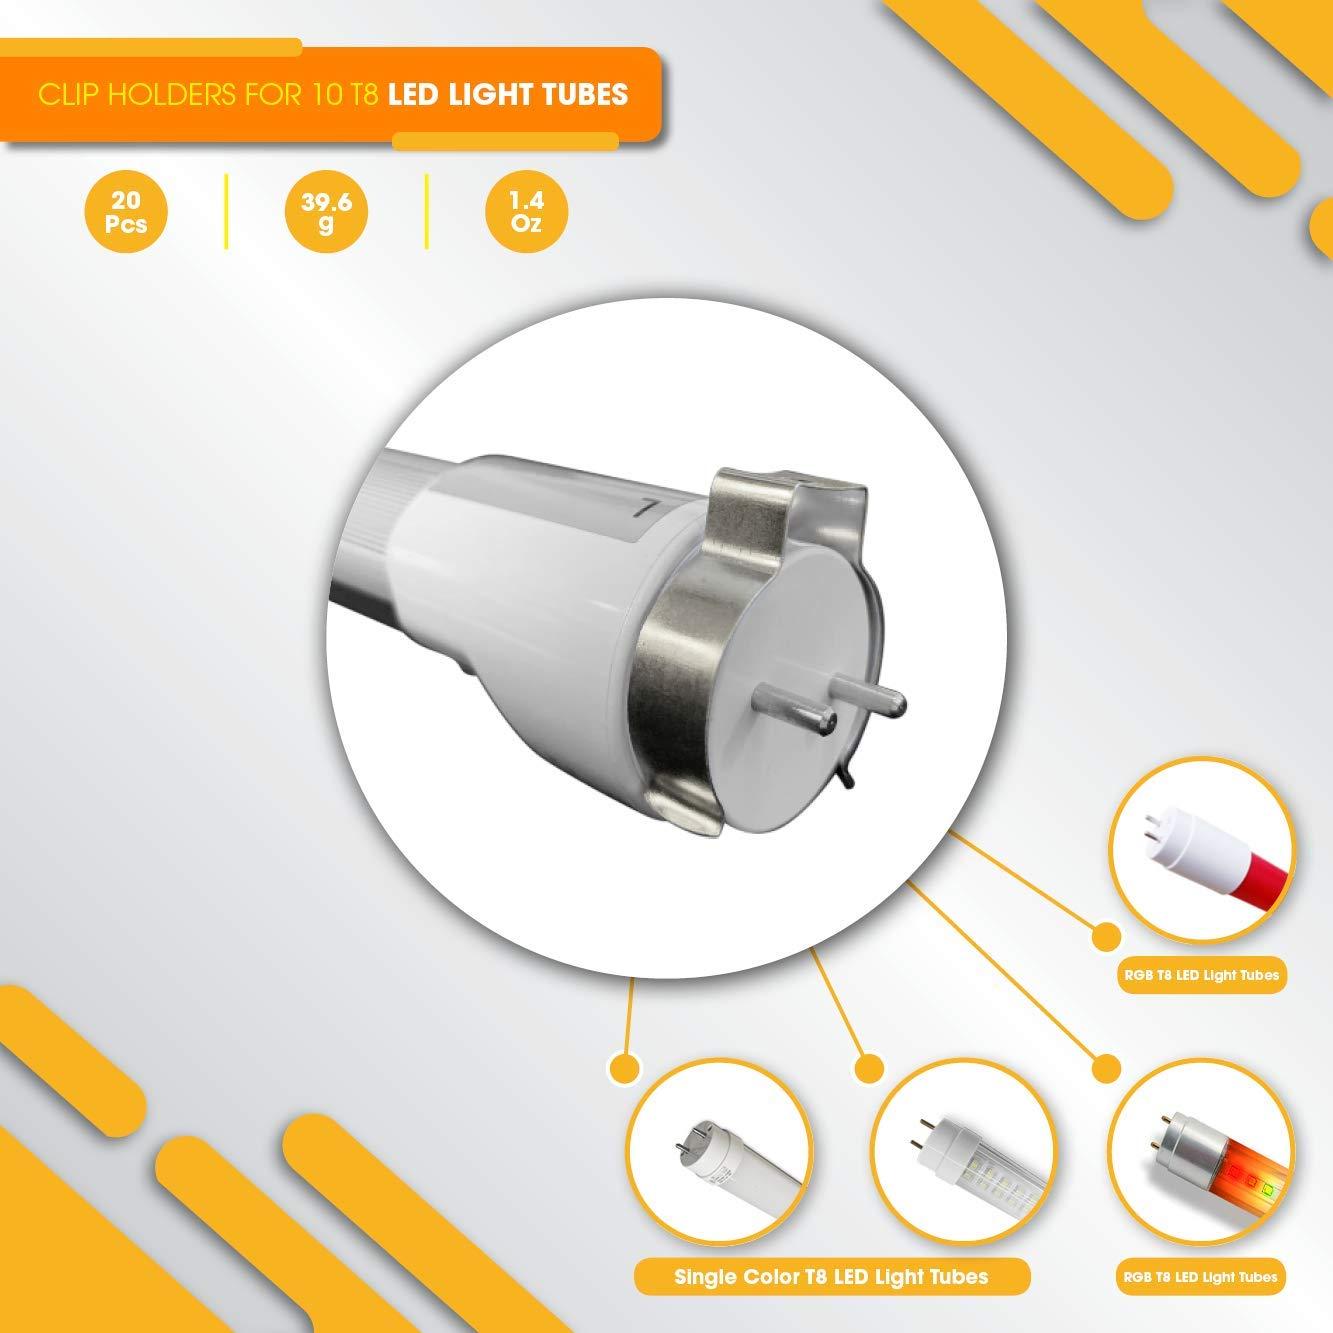 Soporte para T8 LED tubo de luz - 20 Soporte de montaje para colgar 10 tubos - Techo Pared: Amazon.es: Iluminación